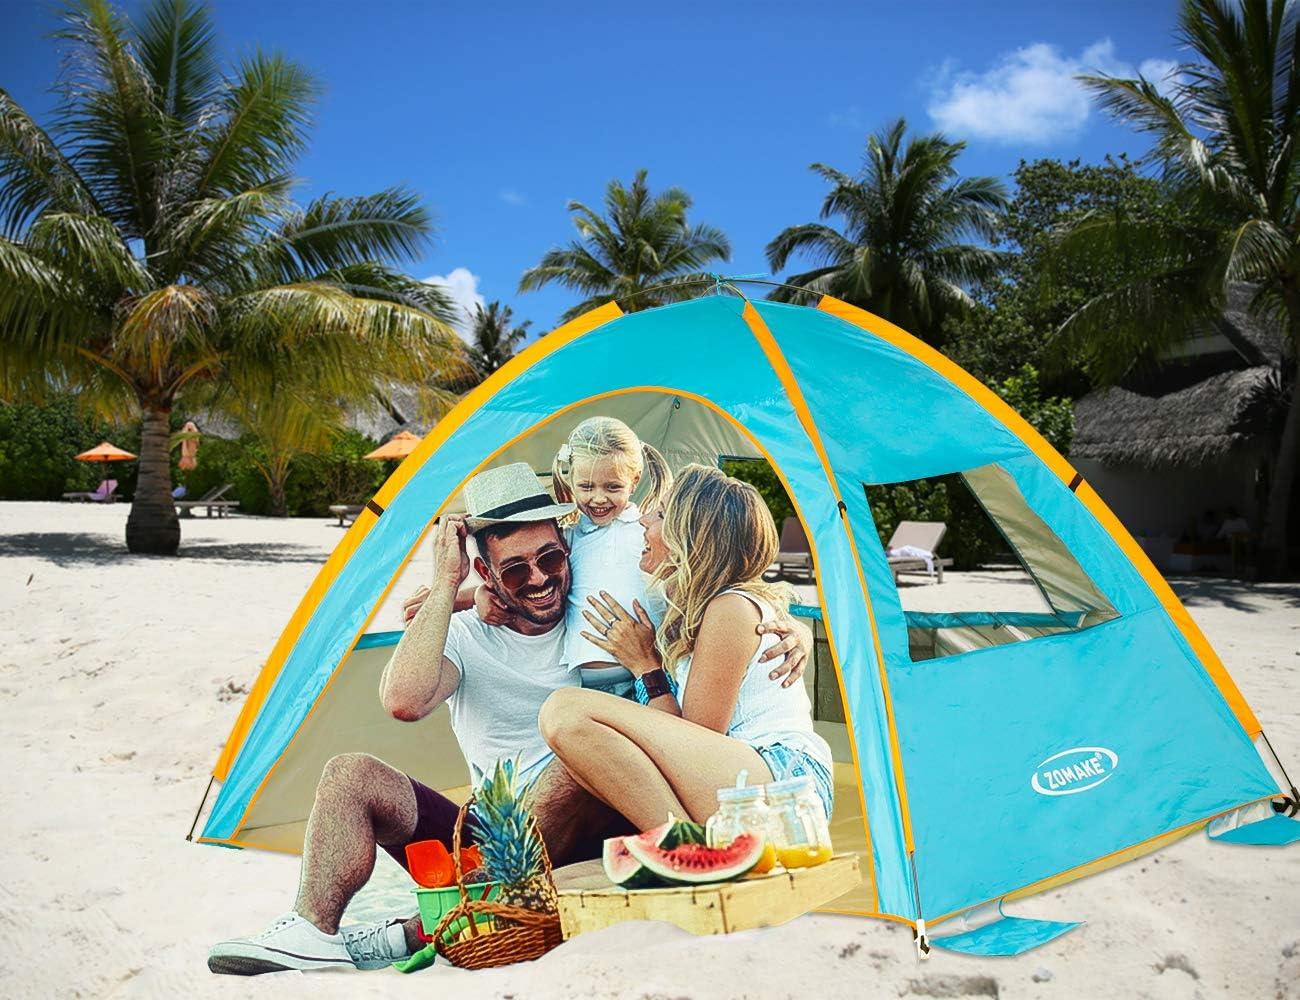 Zomake Pop Up Beach Tent 2 3 Person Lightweight Portable